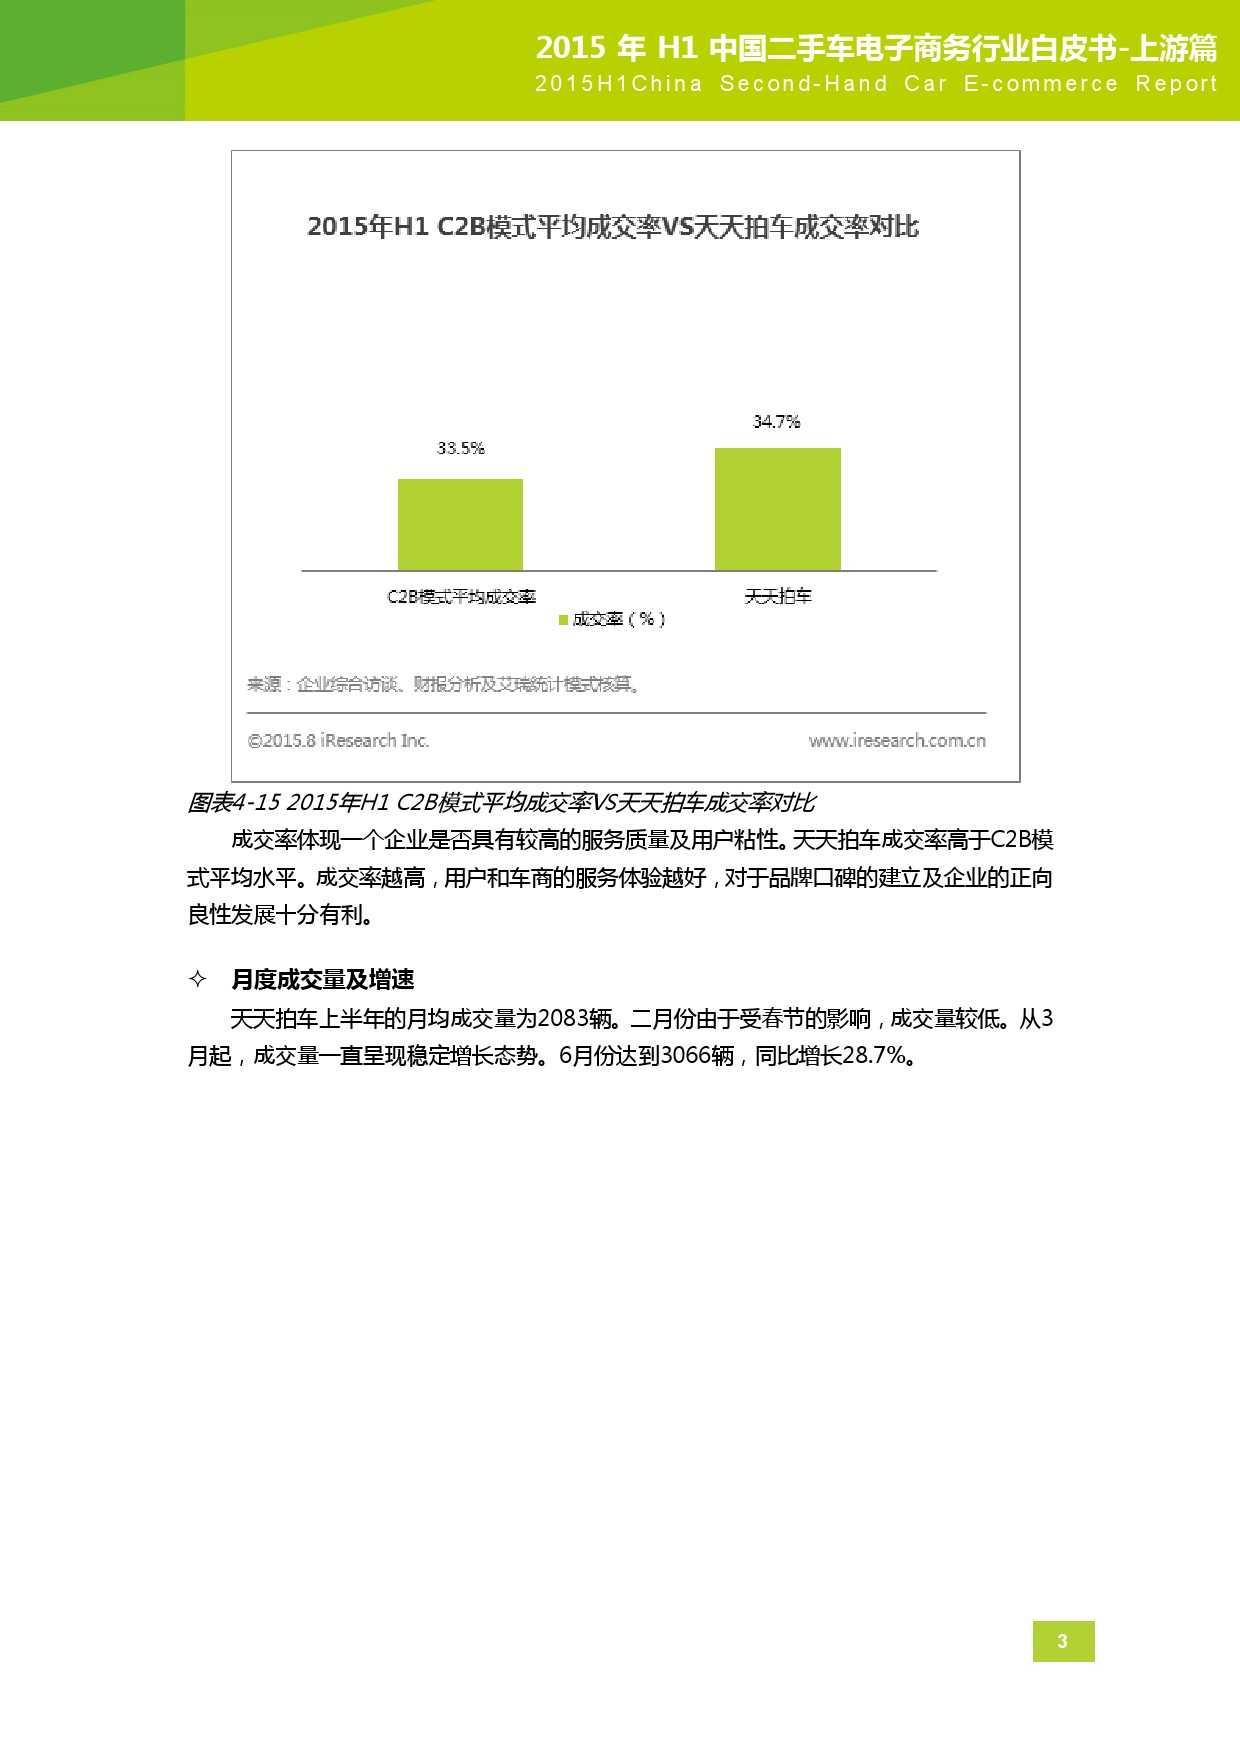 2015年中国二手车电子商务行业白皮书-上游篇_000052